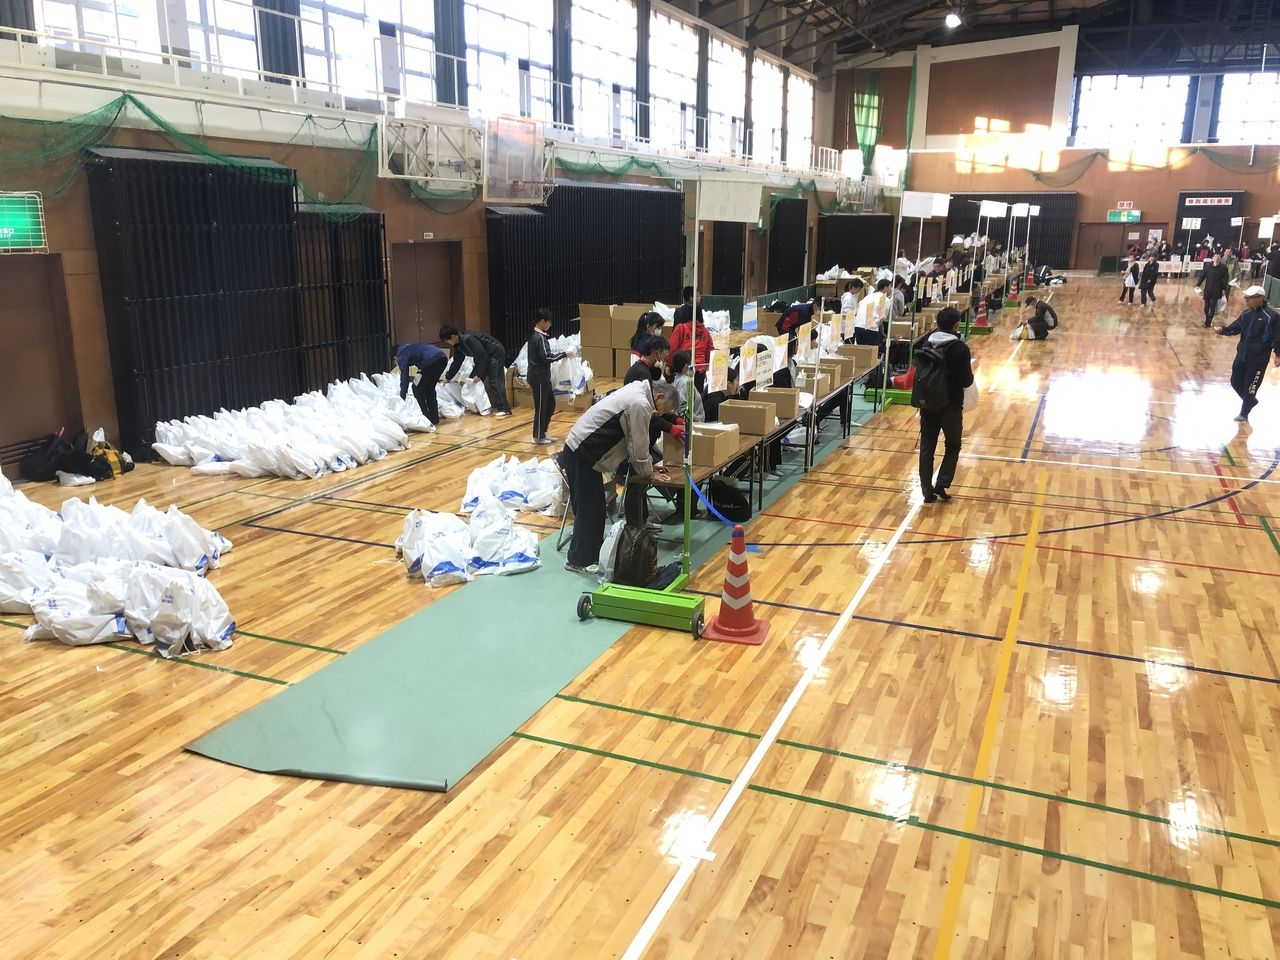 鹿児島市制130周年記念 第40回ランニング桜島の参加手続き風景。桜島総合体育館内。まだ、7時30分過ぎなので人も少ないです。